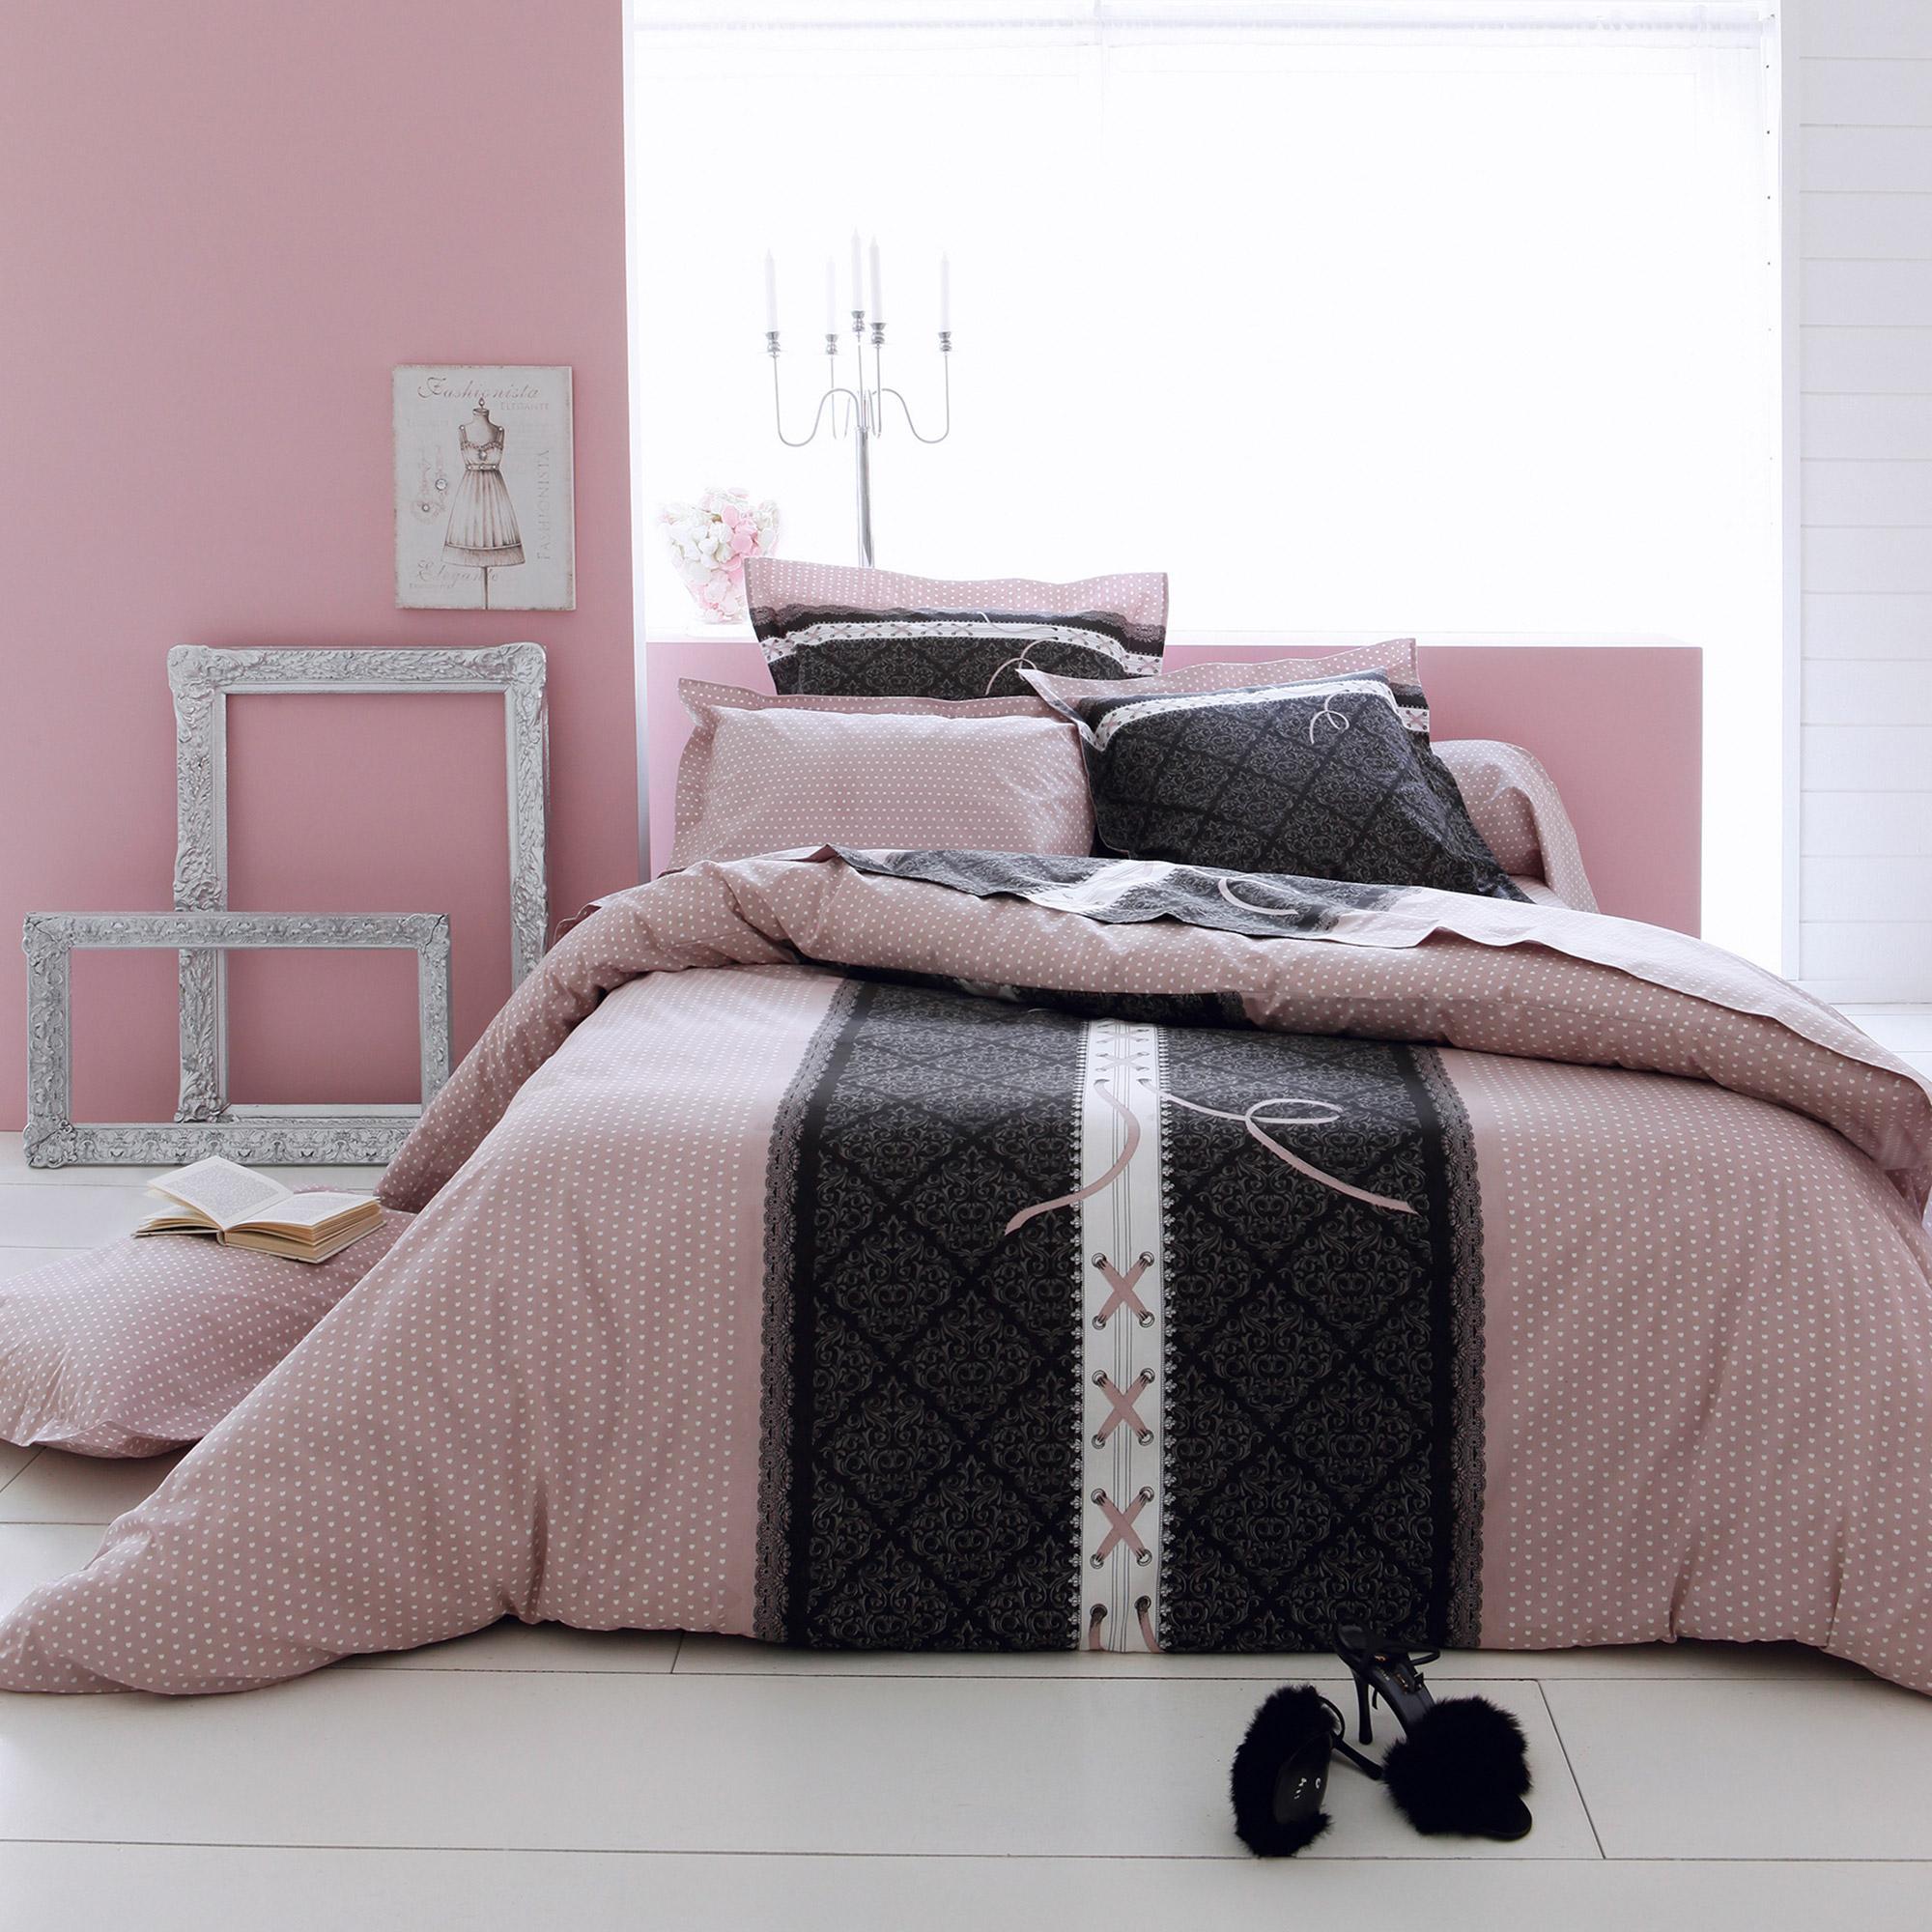 parure de lit 260x240 cm 100 coton glamour rose 3 pices produitparure de lit - Parure De Lit Rose Poudre